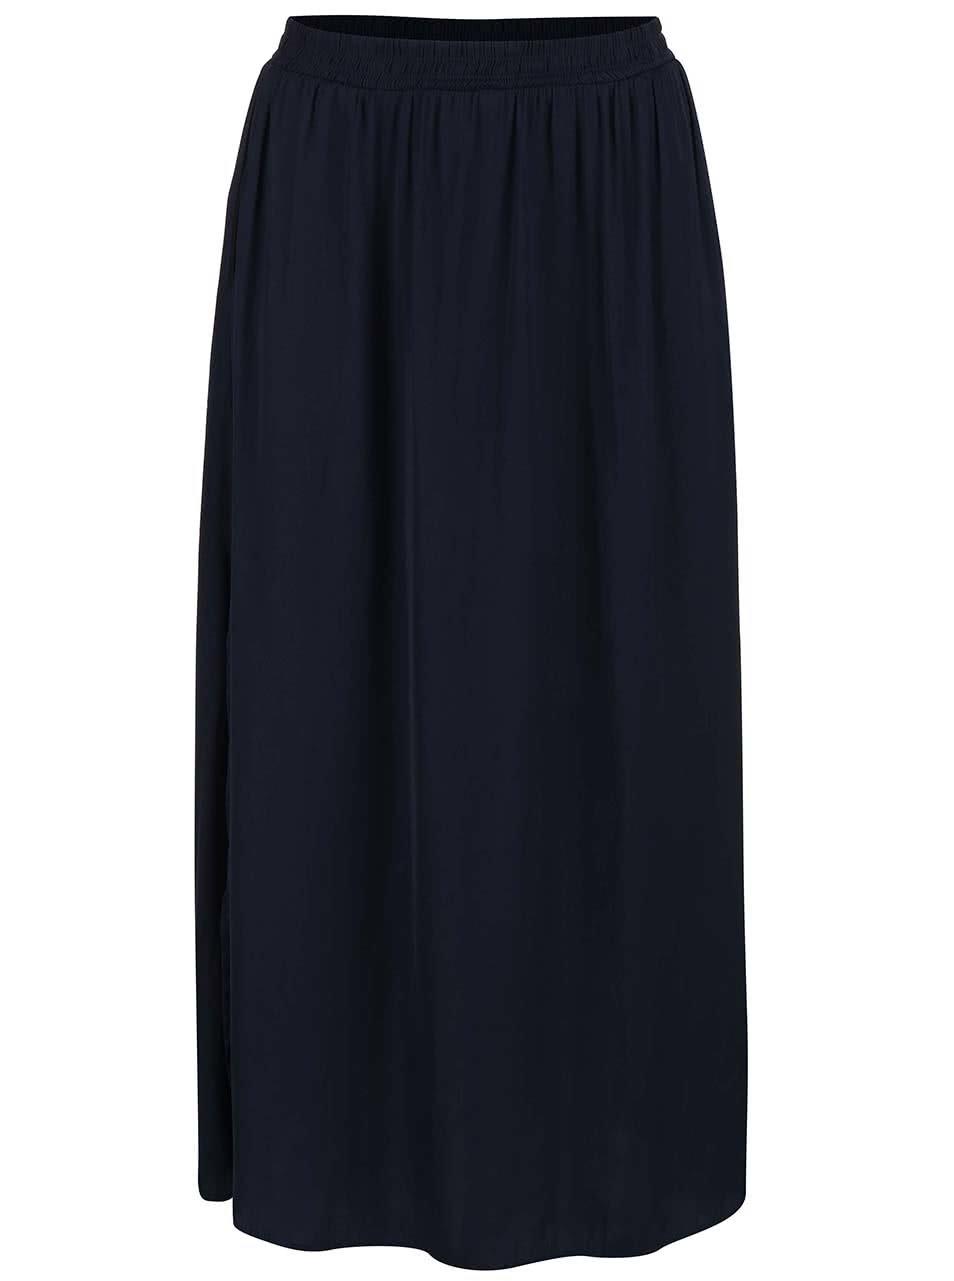 Tmavě modrá dlouhá sukně Vero Moda Nellie